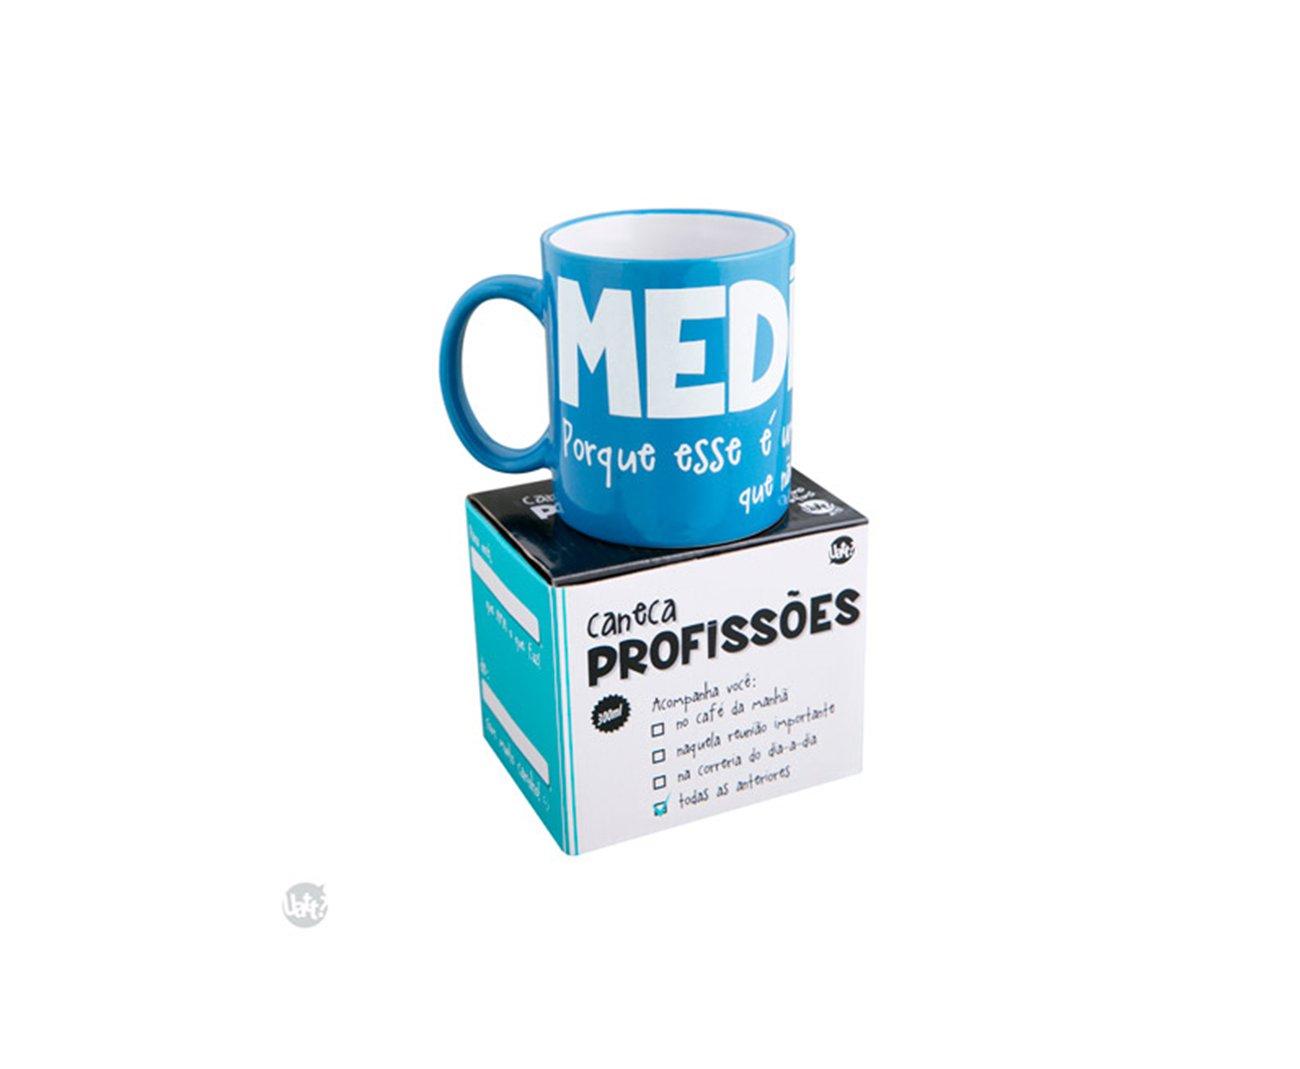 Caneca Profissões - Medicina - Uatt